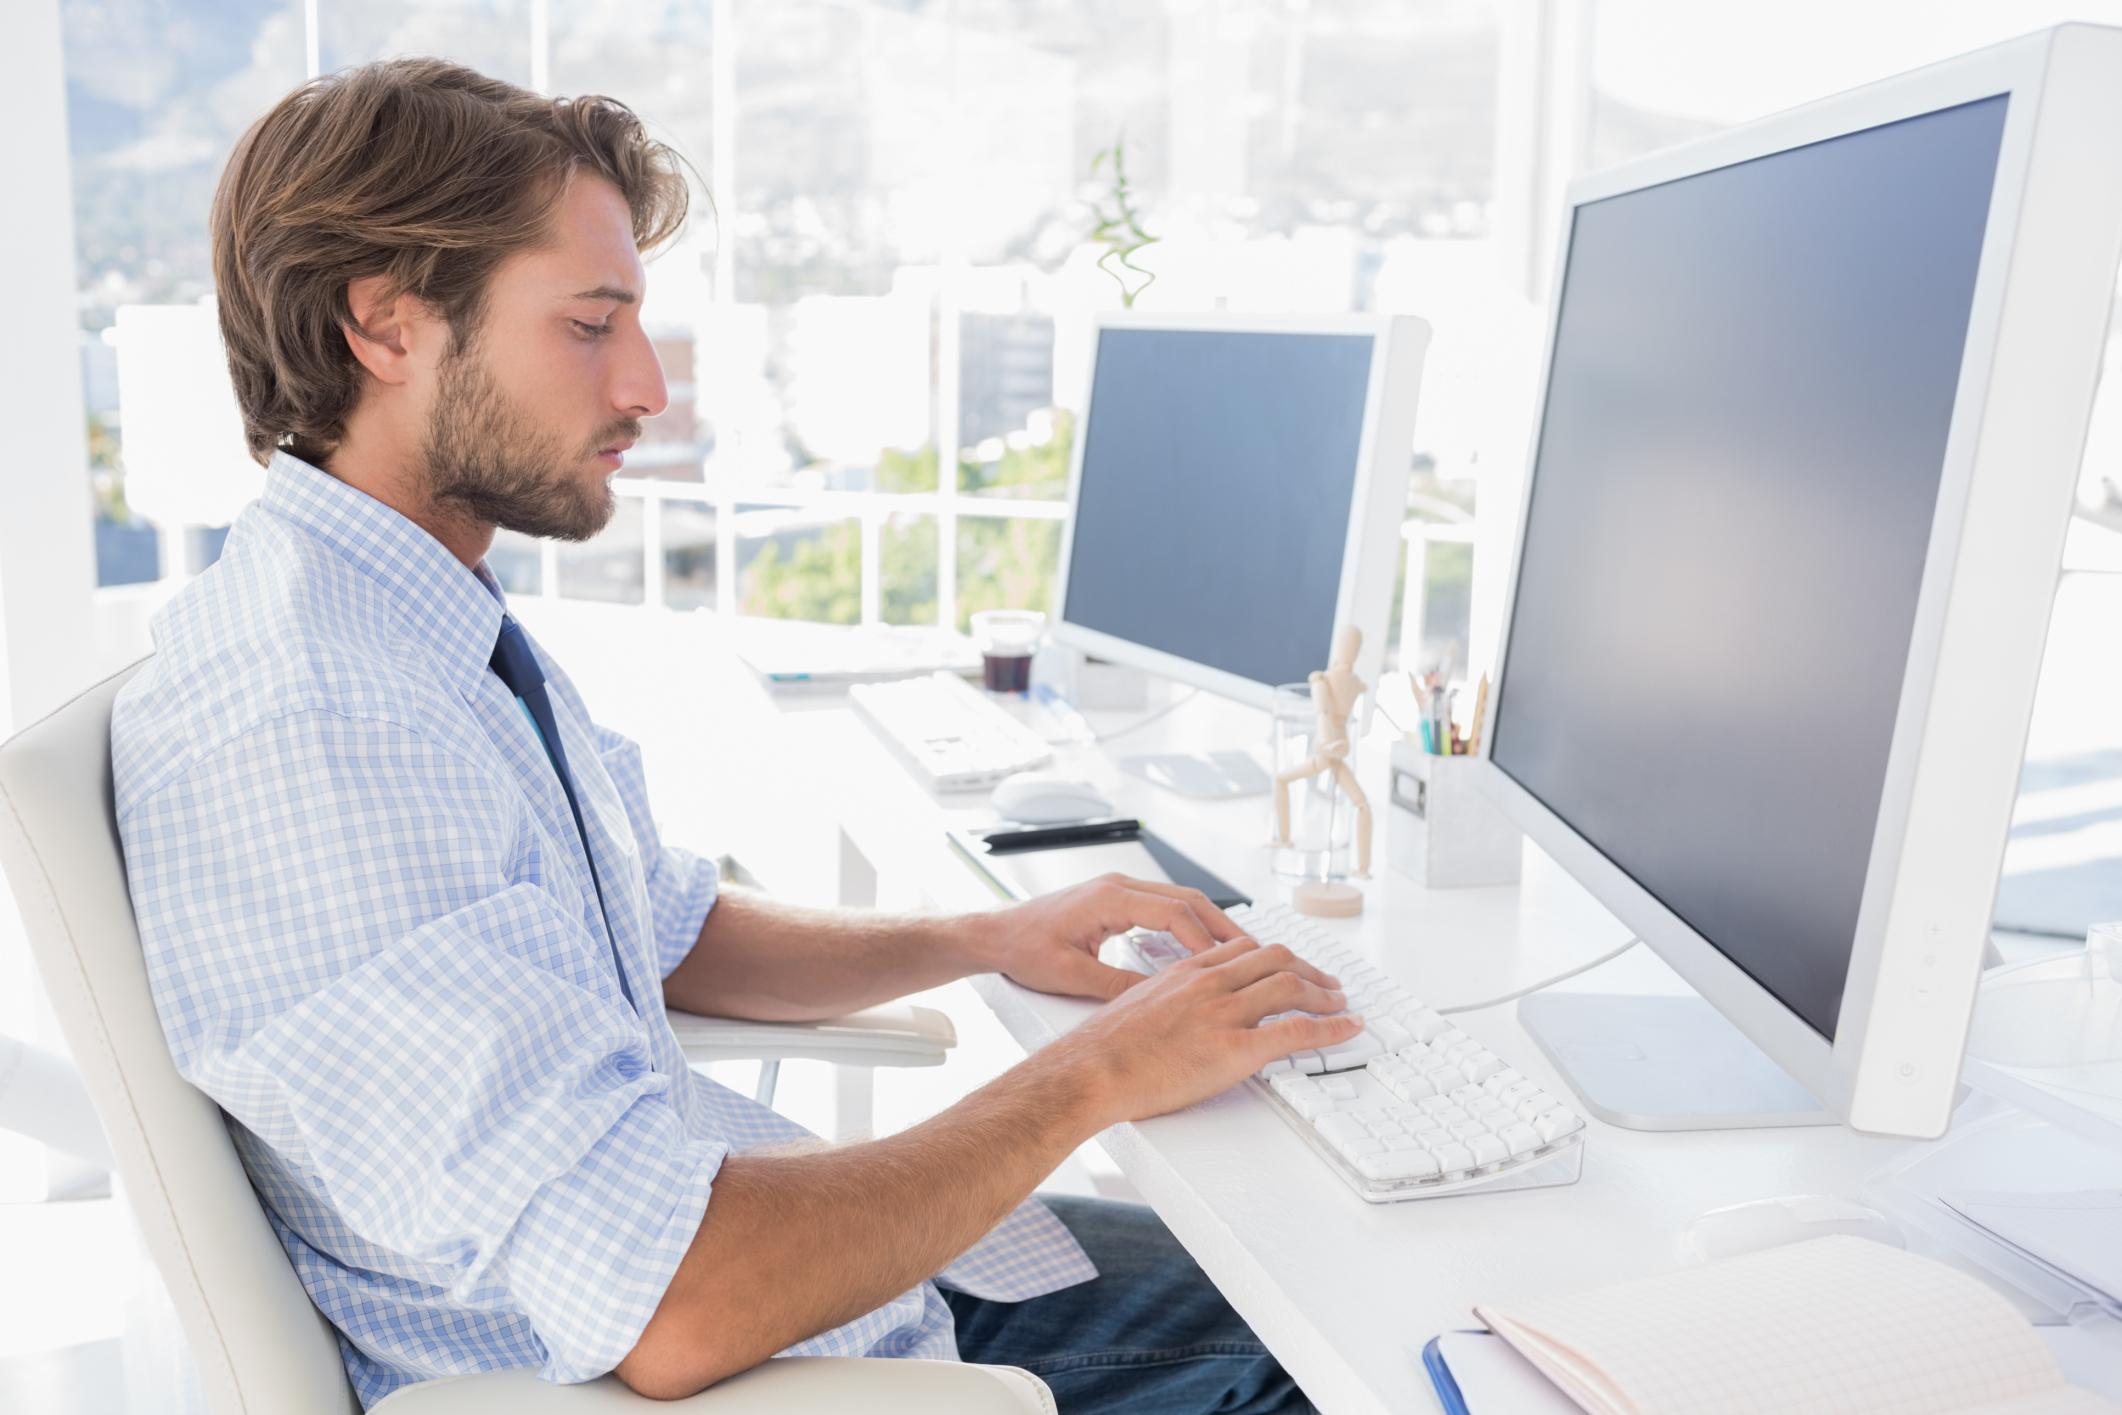 desk, computer, work,